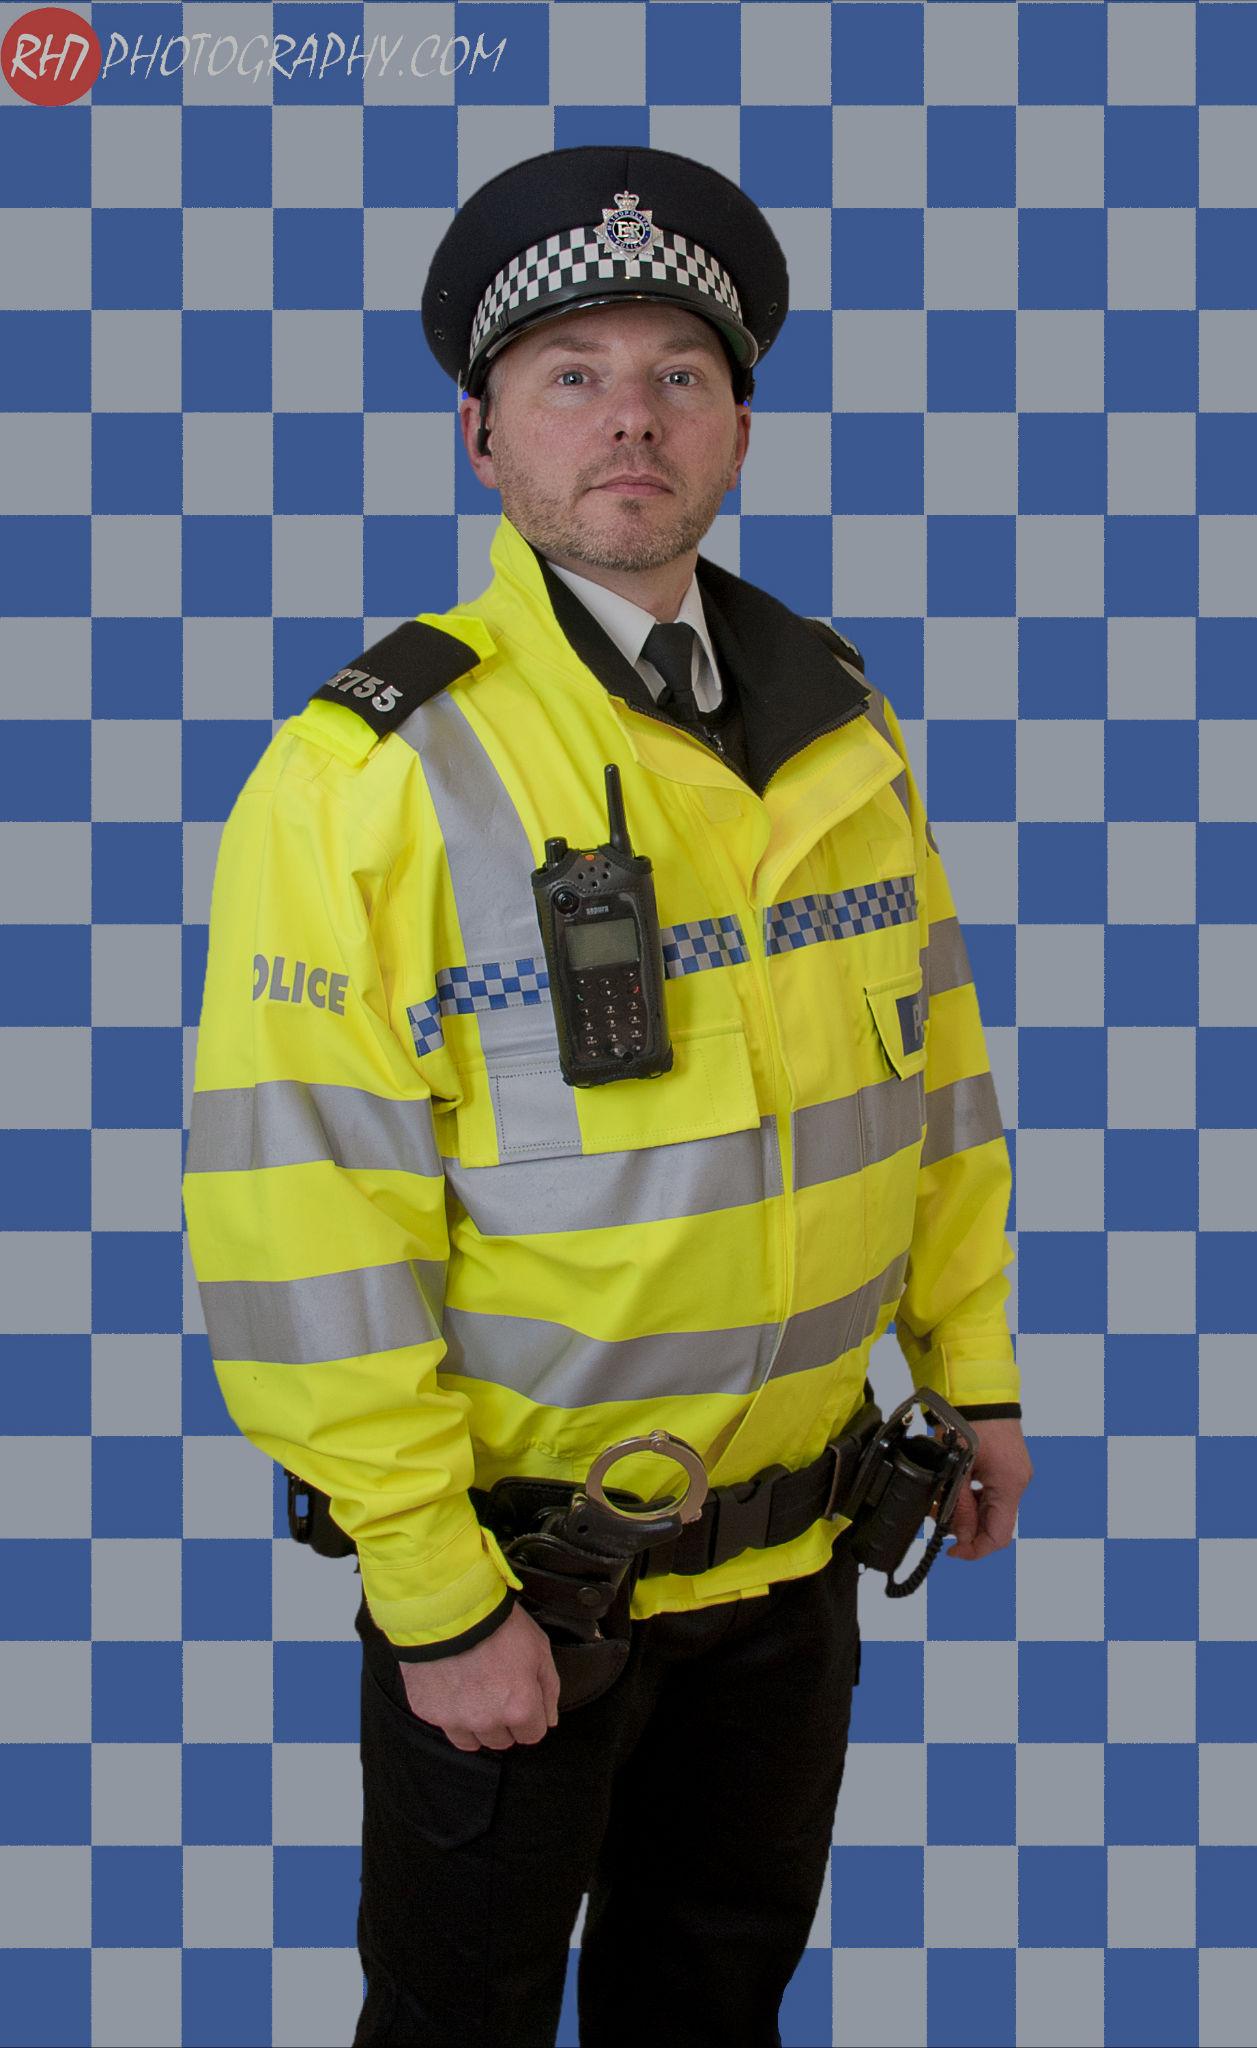 Police 9